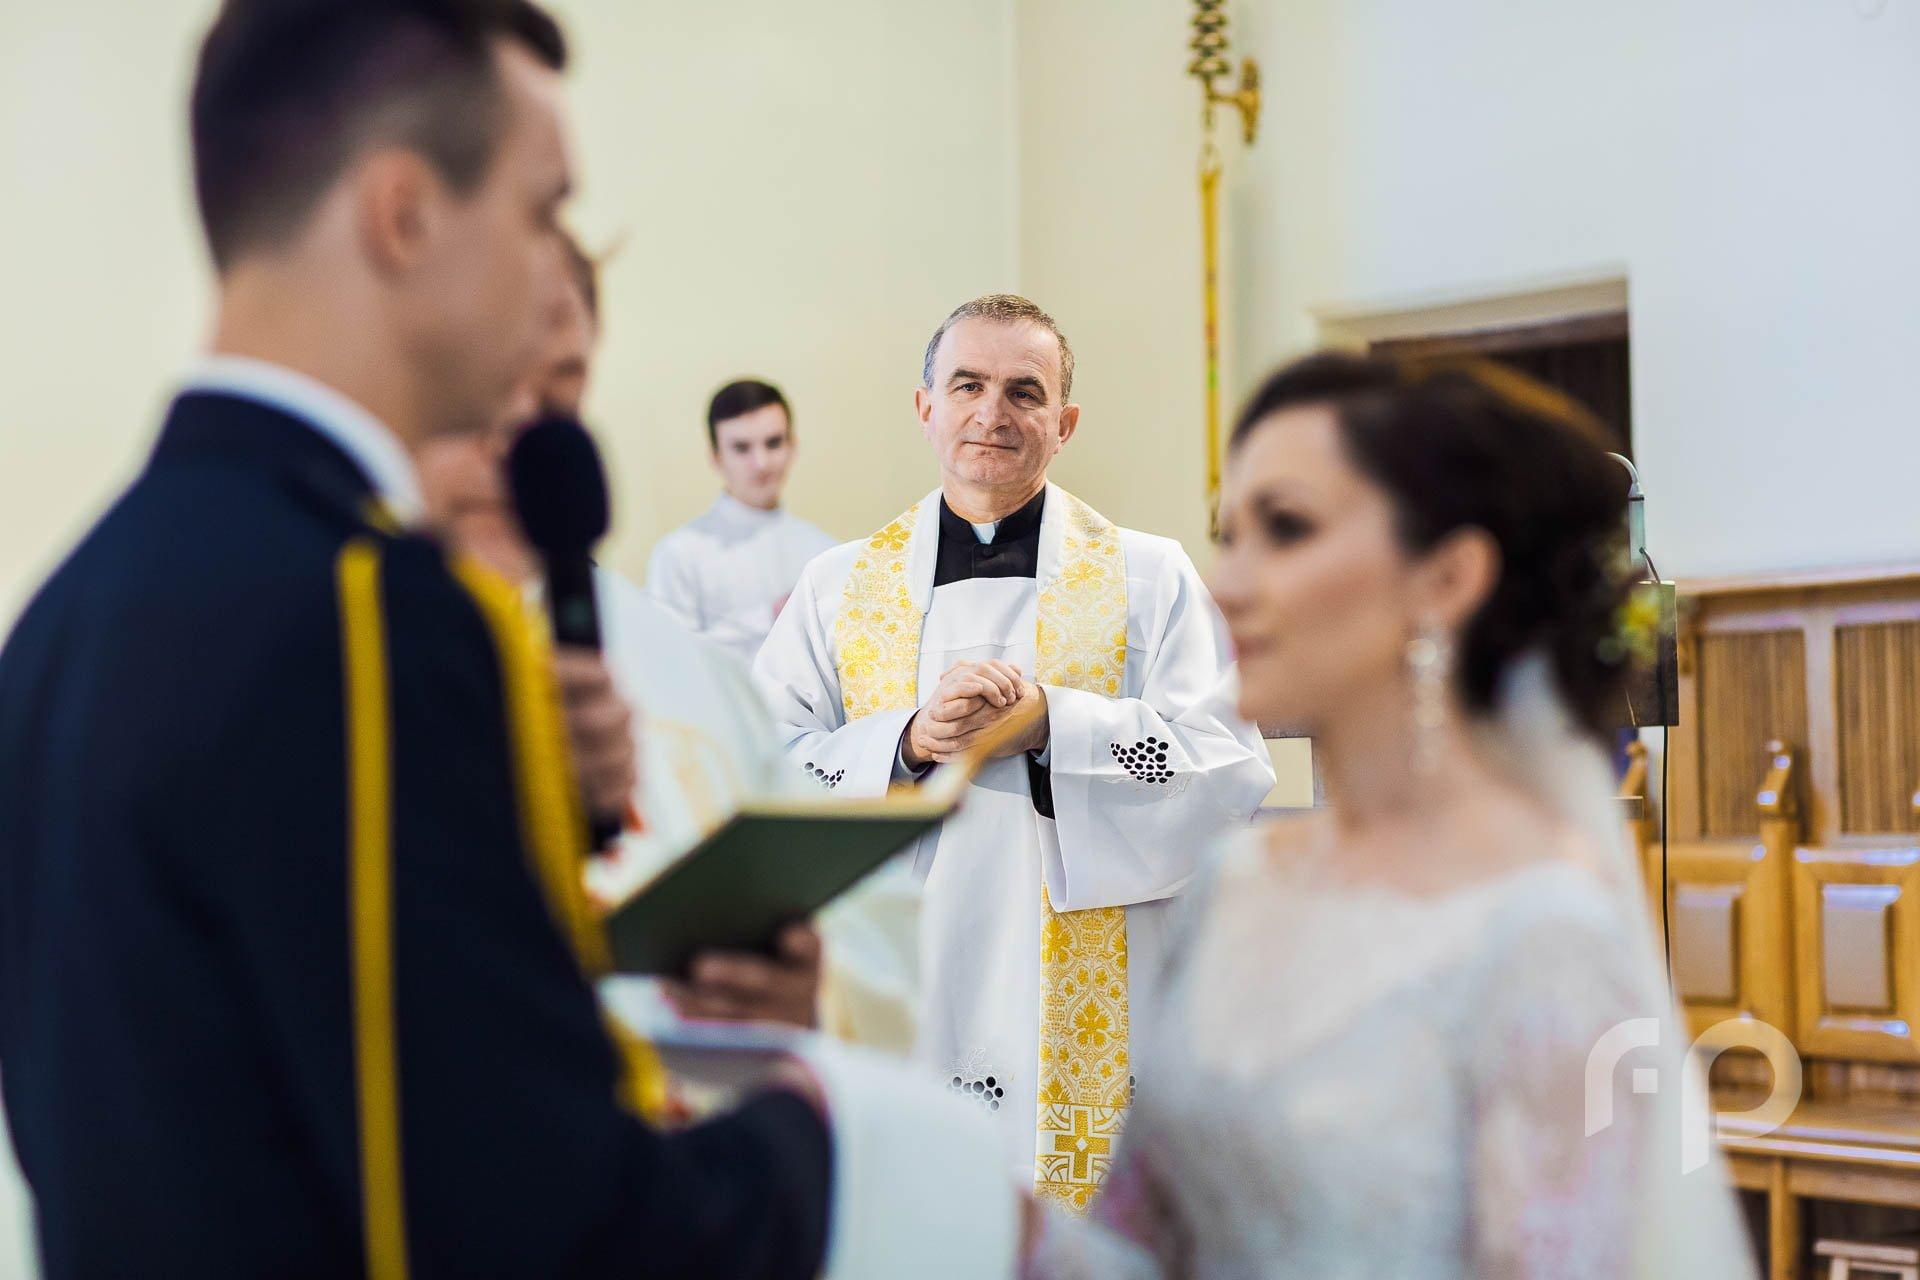 ksiądz obserwujący przysięgę małżeńską